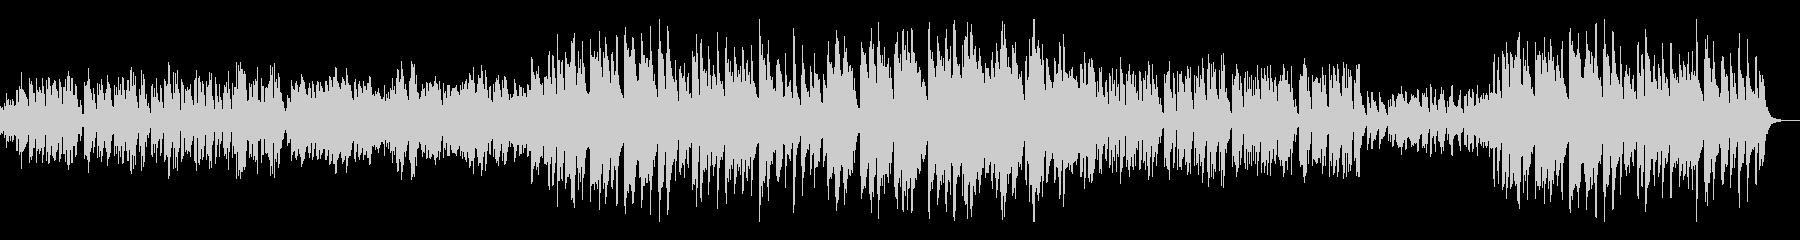 夢の中のお祭り/和風曲10-ピアノ他の未再生の波形